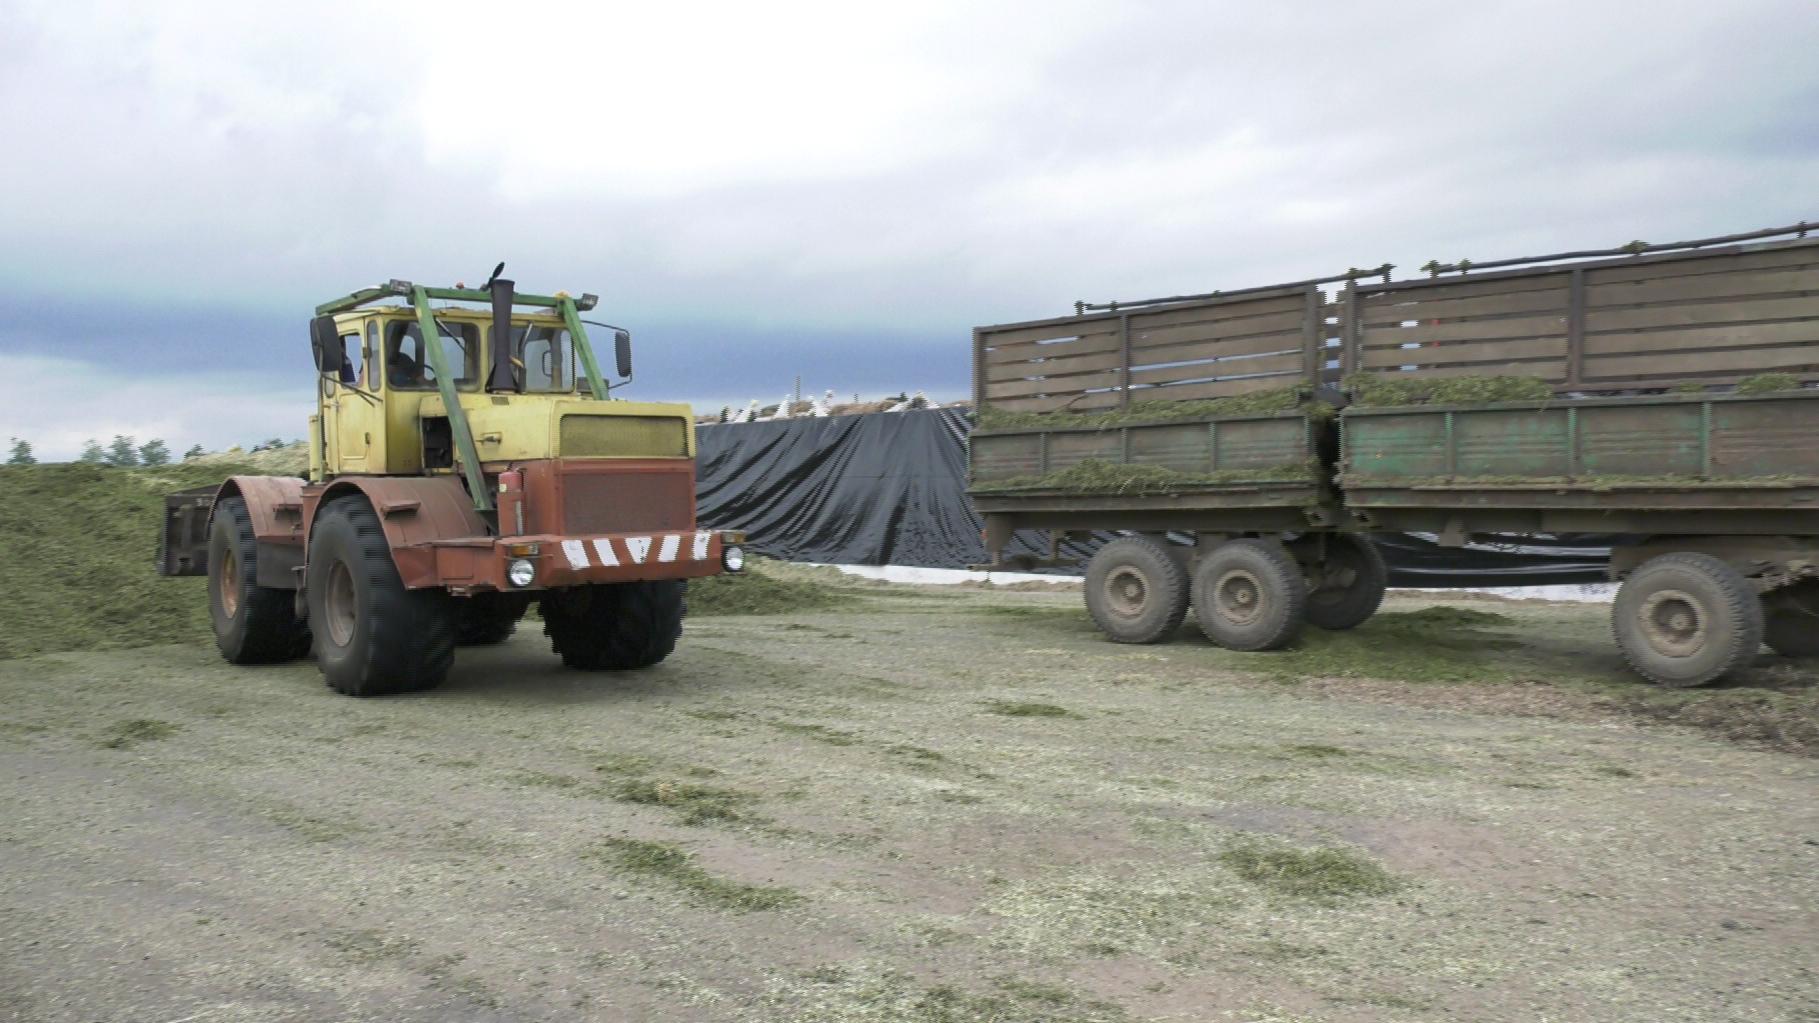 traktor - Формула успеха от «Леонишено» Верхнедвинского района (видео)